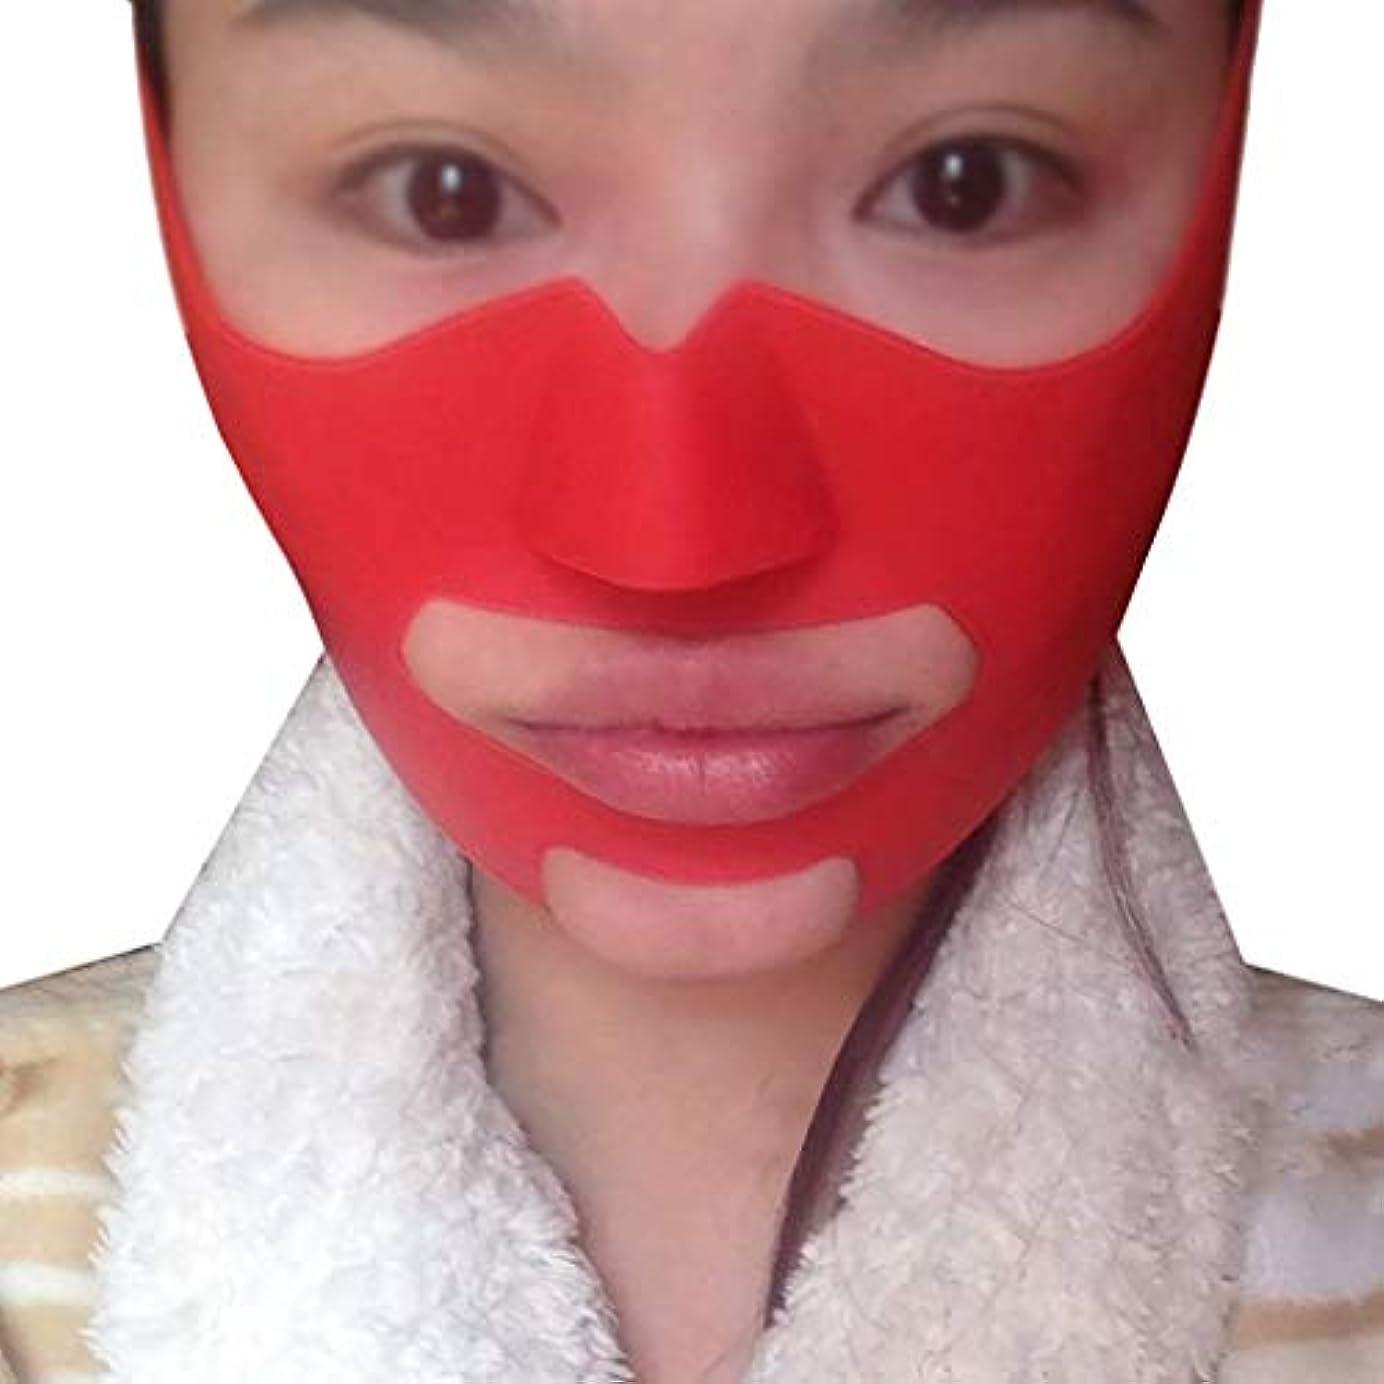 狂人カートリッジキャリアフェイスリフトマスク、シリコンVフェイスマスクフェイスマスク強力で細かい筋肉マッスルリフトアップルマッスルを命令するパターンアーティファクト小さなVフェイス包帯フェイスとネックリフト